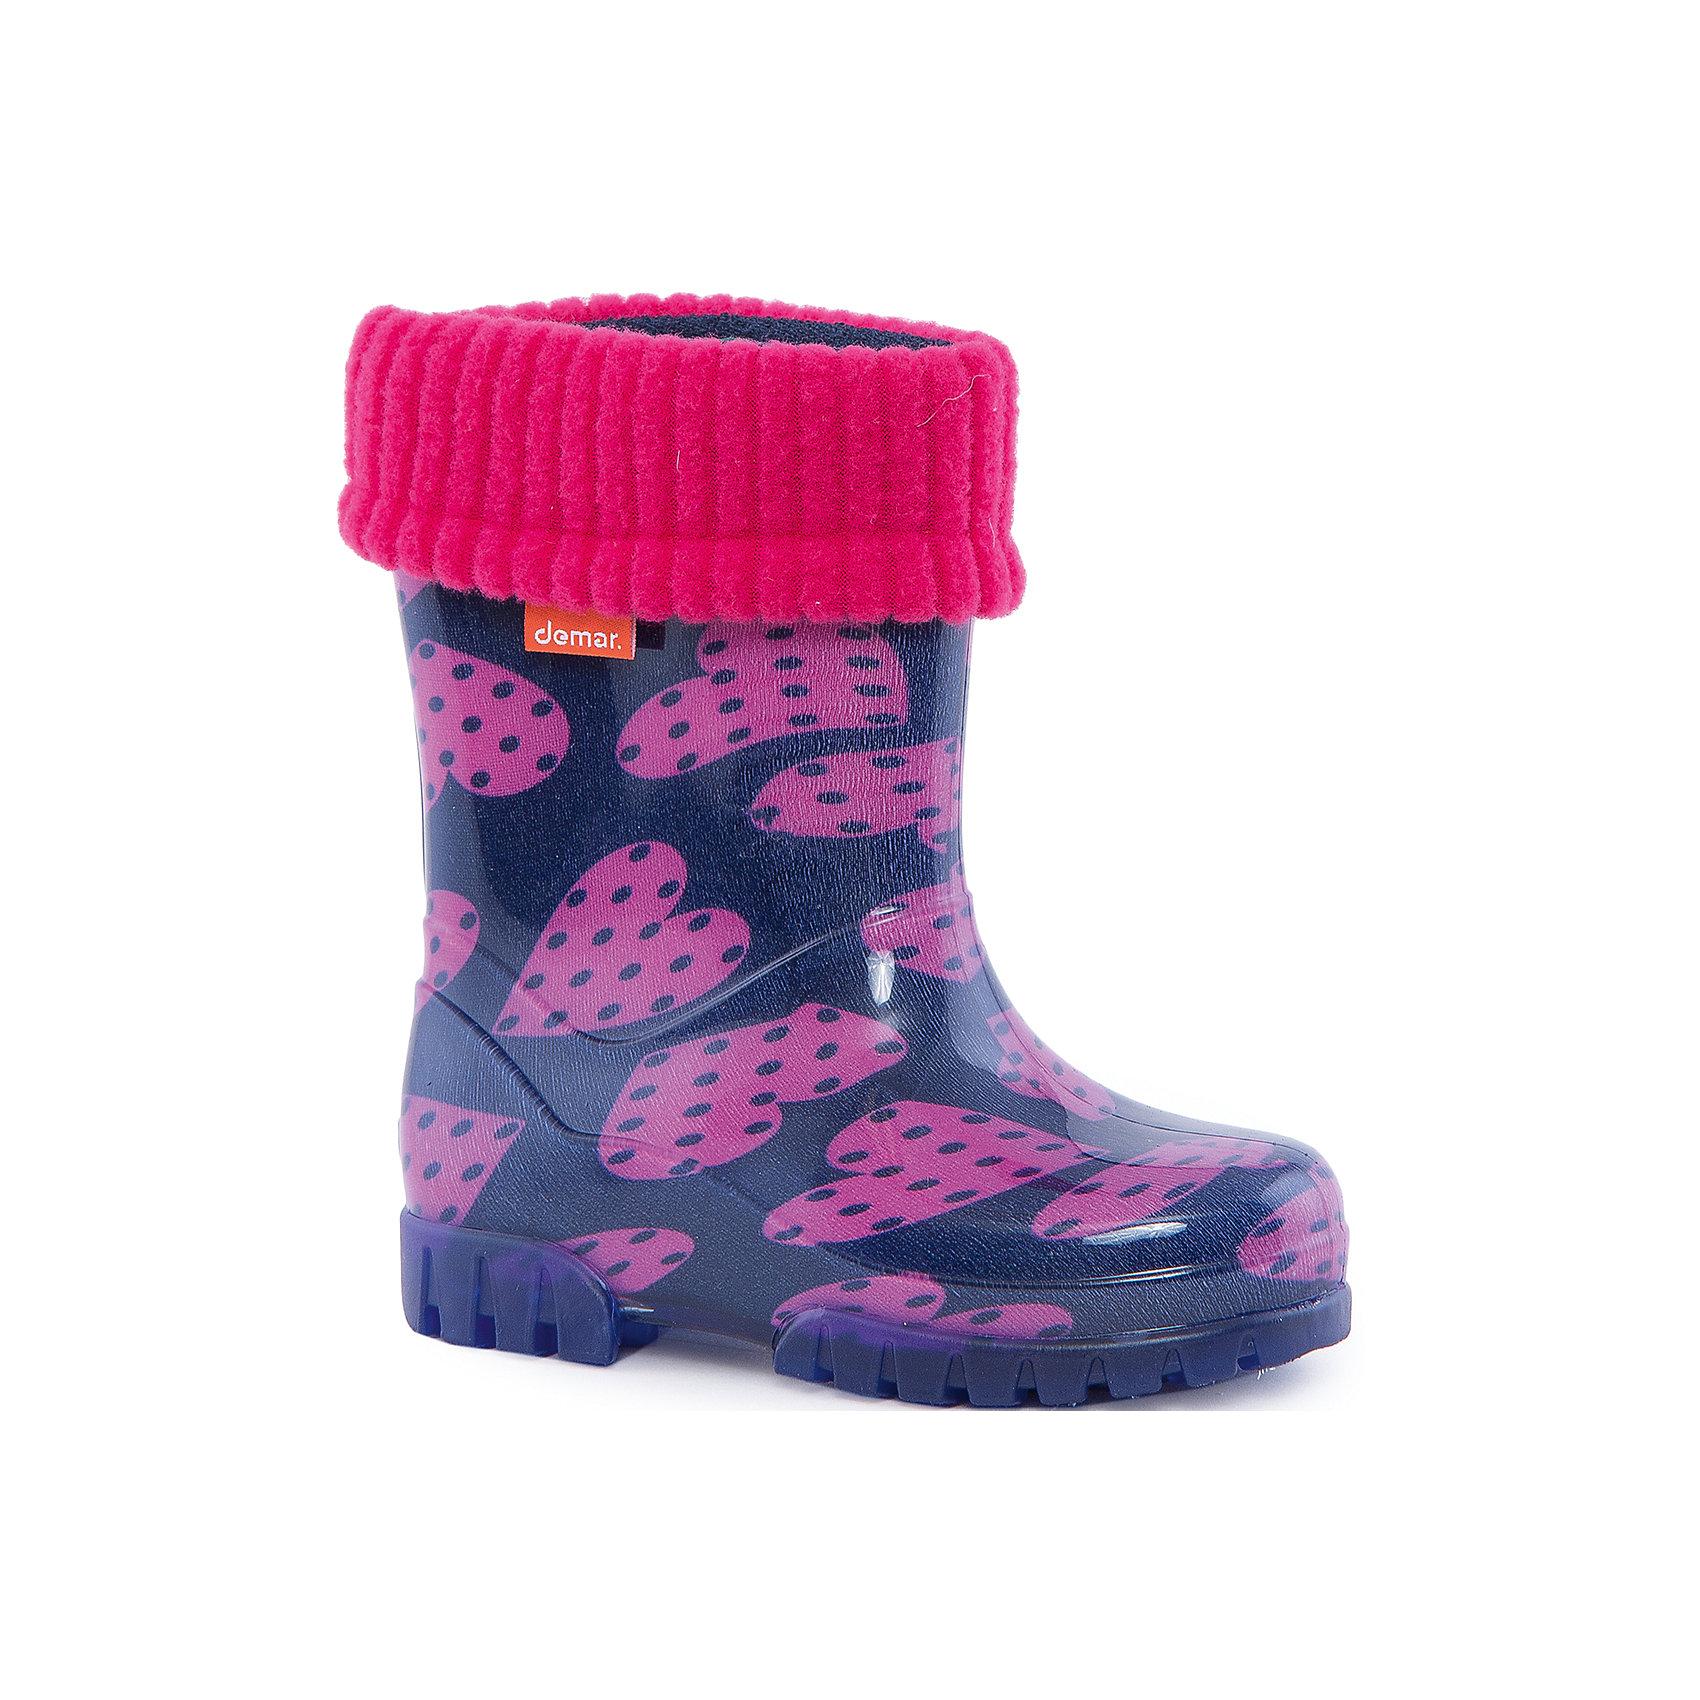 Резиновые сапоги Twister Lux Print для девочки DEMARРезиновые сапоги<br>Характеристики товара:<br><br>• цвет: фиолетовый<br>• материал верха: ПВХ<br>• материал подкладки: текстиль <br>• материал подошвы: ПВХ<br>• температурный режим: от 0° до +15° С<br>• верх не продувается<br>• съемный чулок<br>• стильный дизайн<br>• страна бренда: Польша<br>• страна изготовитель: Польша<br><br>Осенью и весной ребенку не обойтись без непромокаемых сапожек! Чтобы не пропустить главные удовольствия межсезонья, нужно запастись удобной обувью. Такие сапожки обеспечат ребенку необходимый для активного отдыха комфорт, а подкладка из текстиля позволит ножкам оставаться теплыми. Сапожки легко надеваются и снимаются, отлично сидят на ноге. Они удивительно легкие!<br>Обувь от польского бренда Demar - это качественные товары, созданные с применением новейших технологий и с использованием как натуральных, так и высокотехнологичных материалов. Обувь отличается стильным дизайном и продуманной конструкцией. Изделие производится из качественных и проверенных материалов, которые безопасны для детей.<br><br>Сапожки от бренда Demar (Демар) можно купить в нашем интернет-магазине.<br><br>Ширина мм: 237<br>Глубина мм: 180<br>Высота мм: 152<br>Вес г: 438<br>Цвет: белый<br>Возраст от месяцев: 24<br>Возраст до месяцев: 36<br>Пол: Женский<br>Возраст: Детский<br>Размер: 26/27,22/23,24/25<br>SKU: 4576080